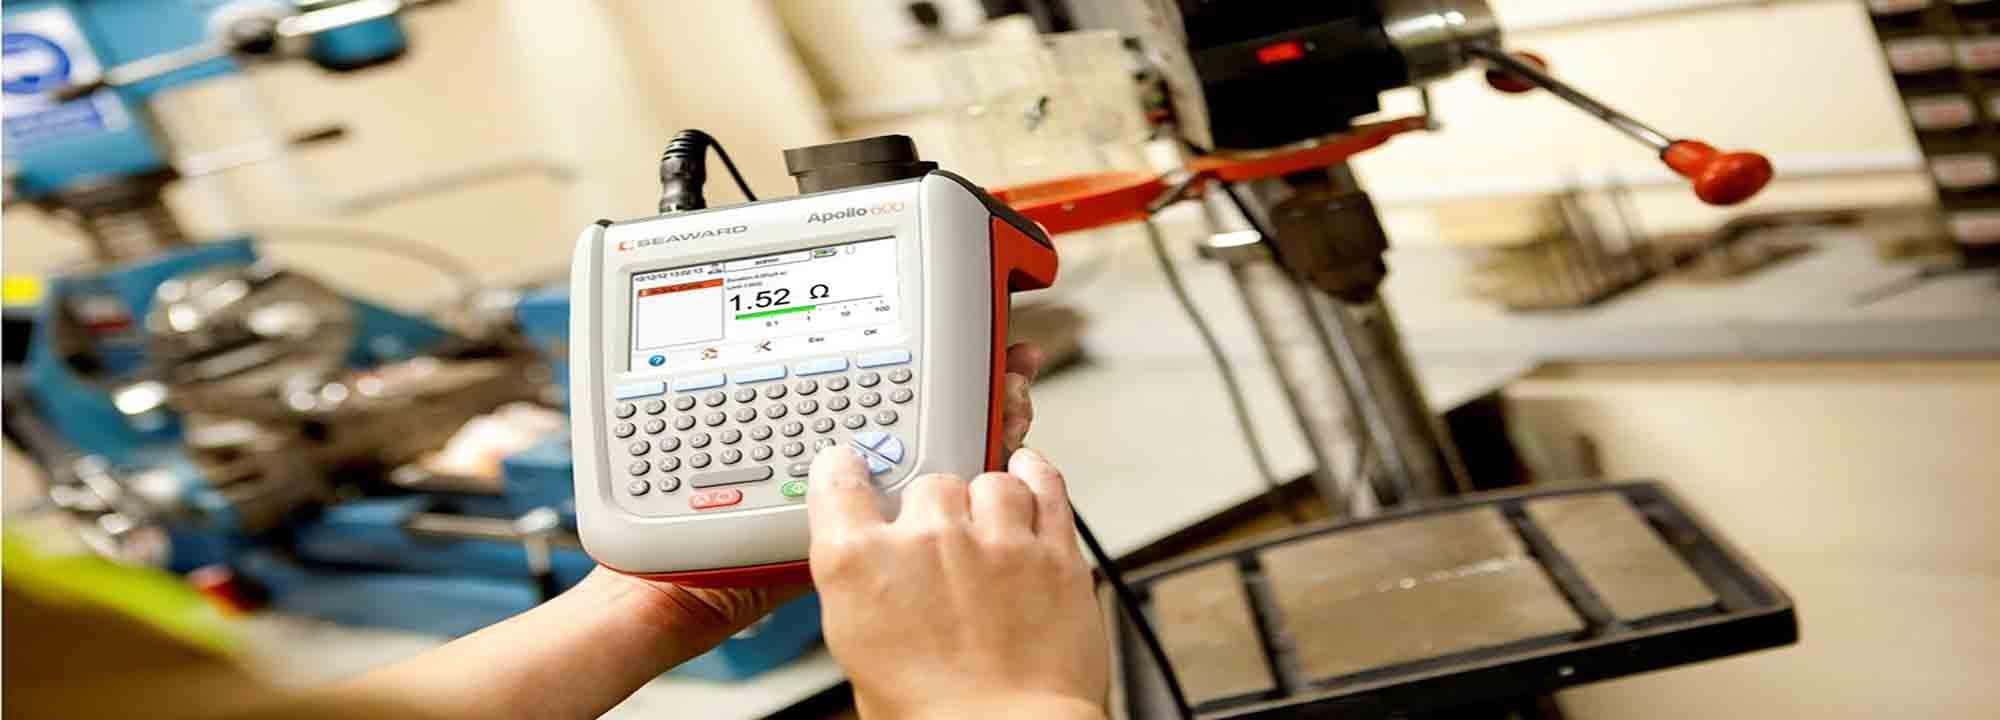 Portable Appliance (PAT) Testing